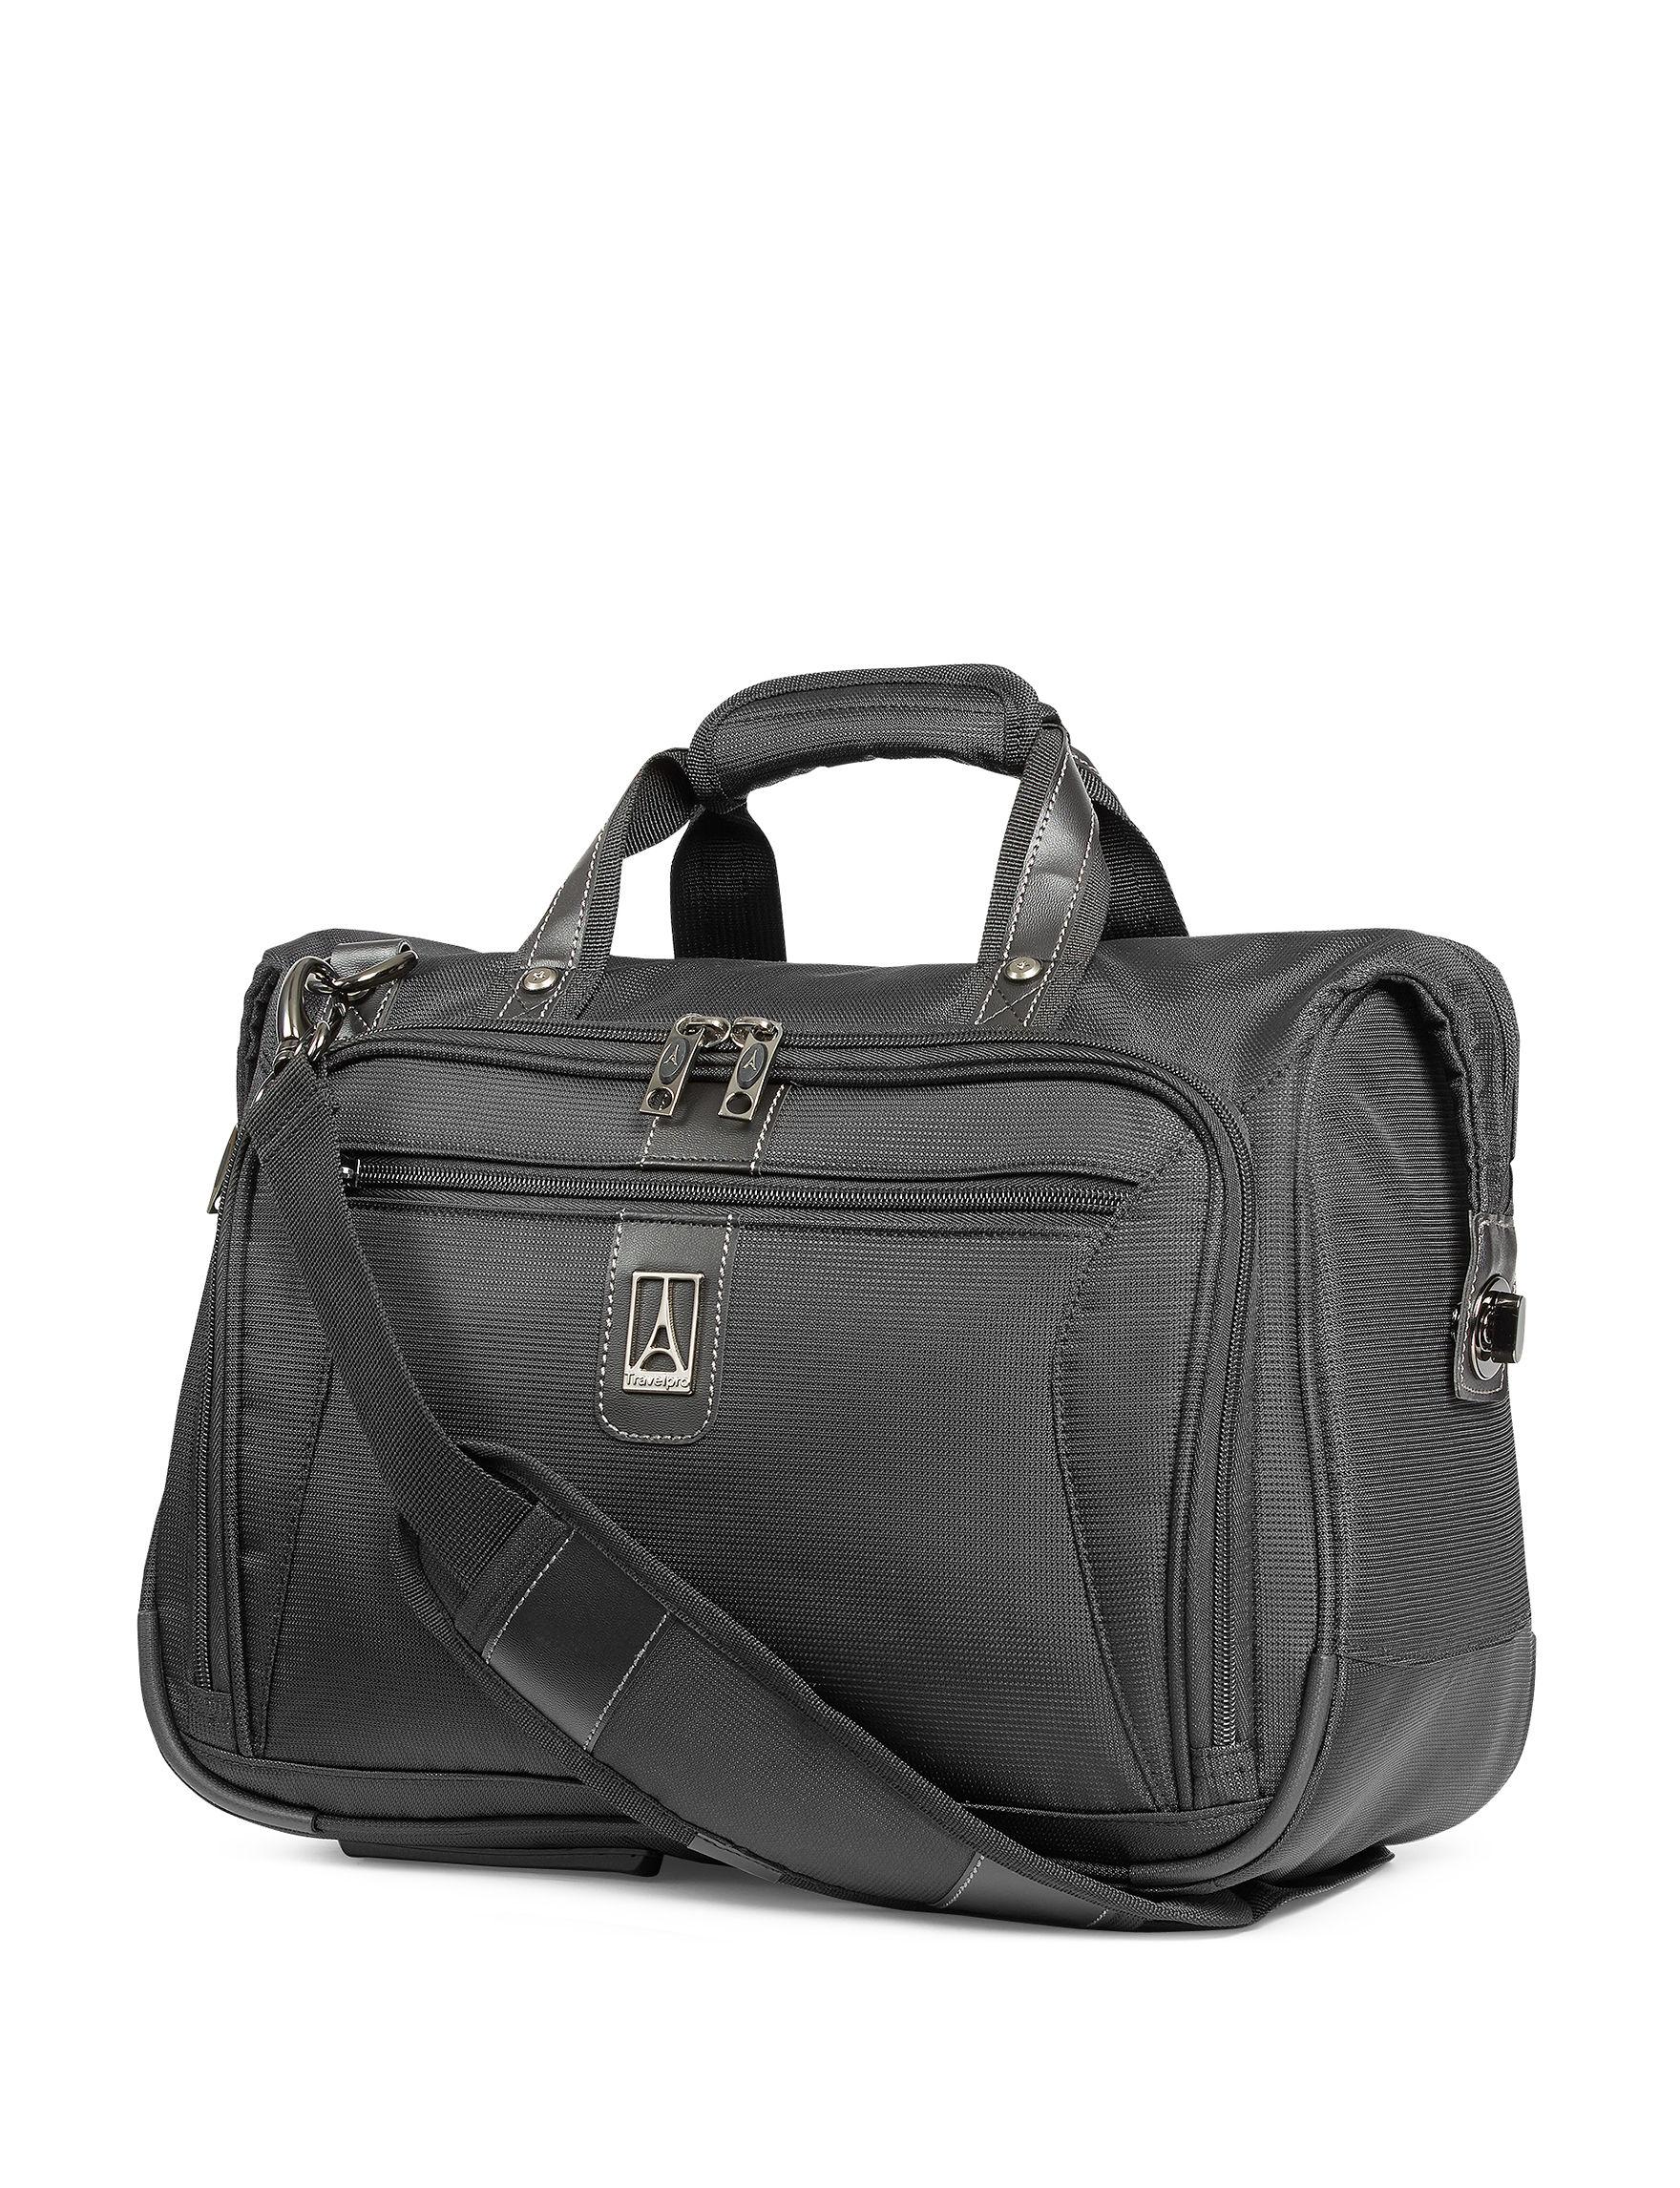 Travelpro Black Weekend Bags